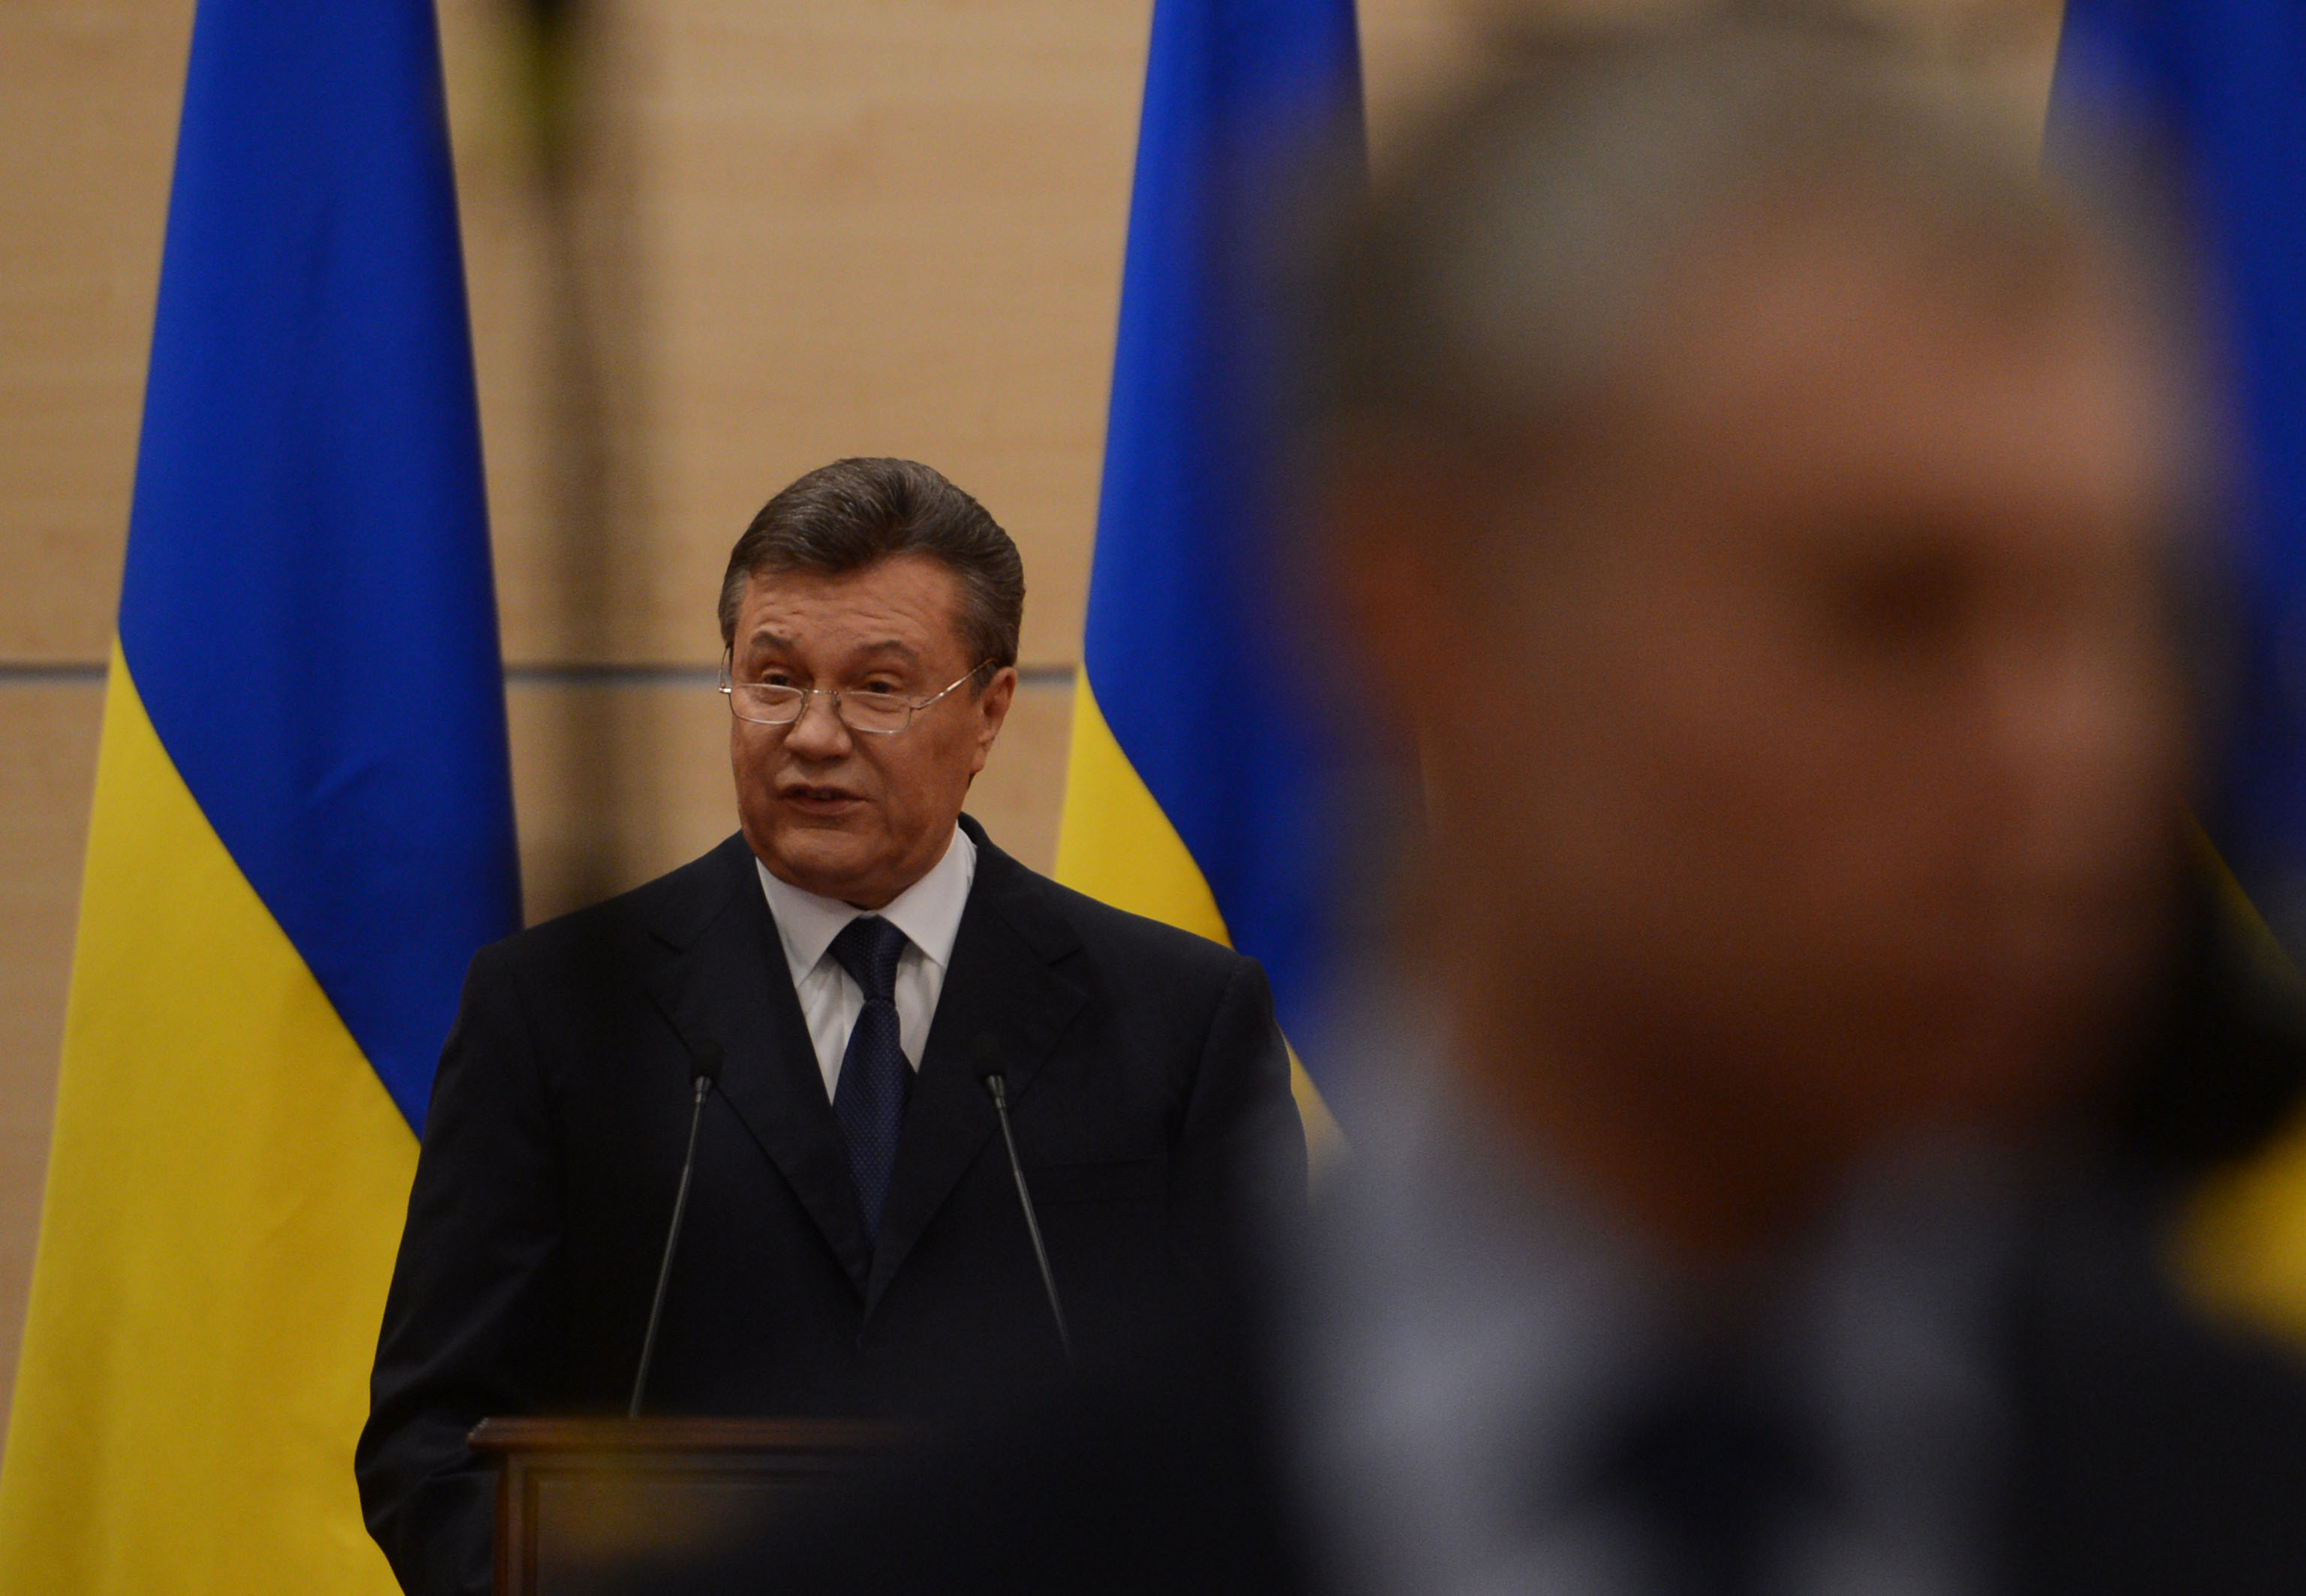 Janukovicsot 13 évre ítélték